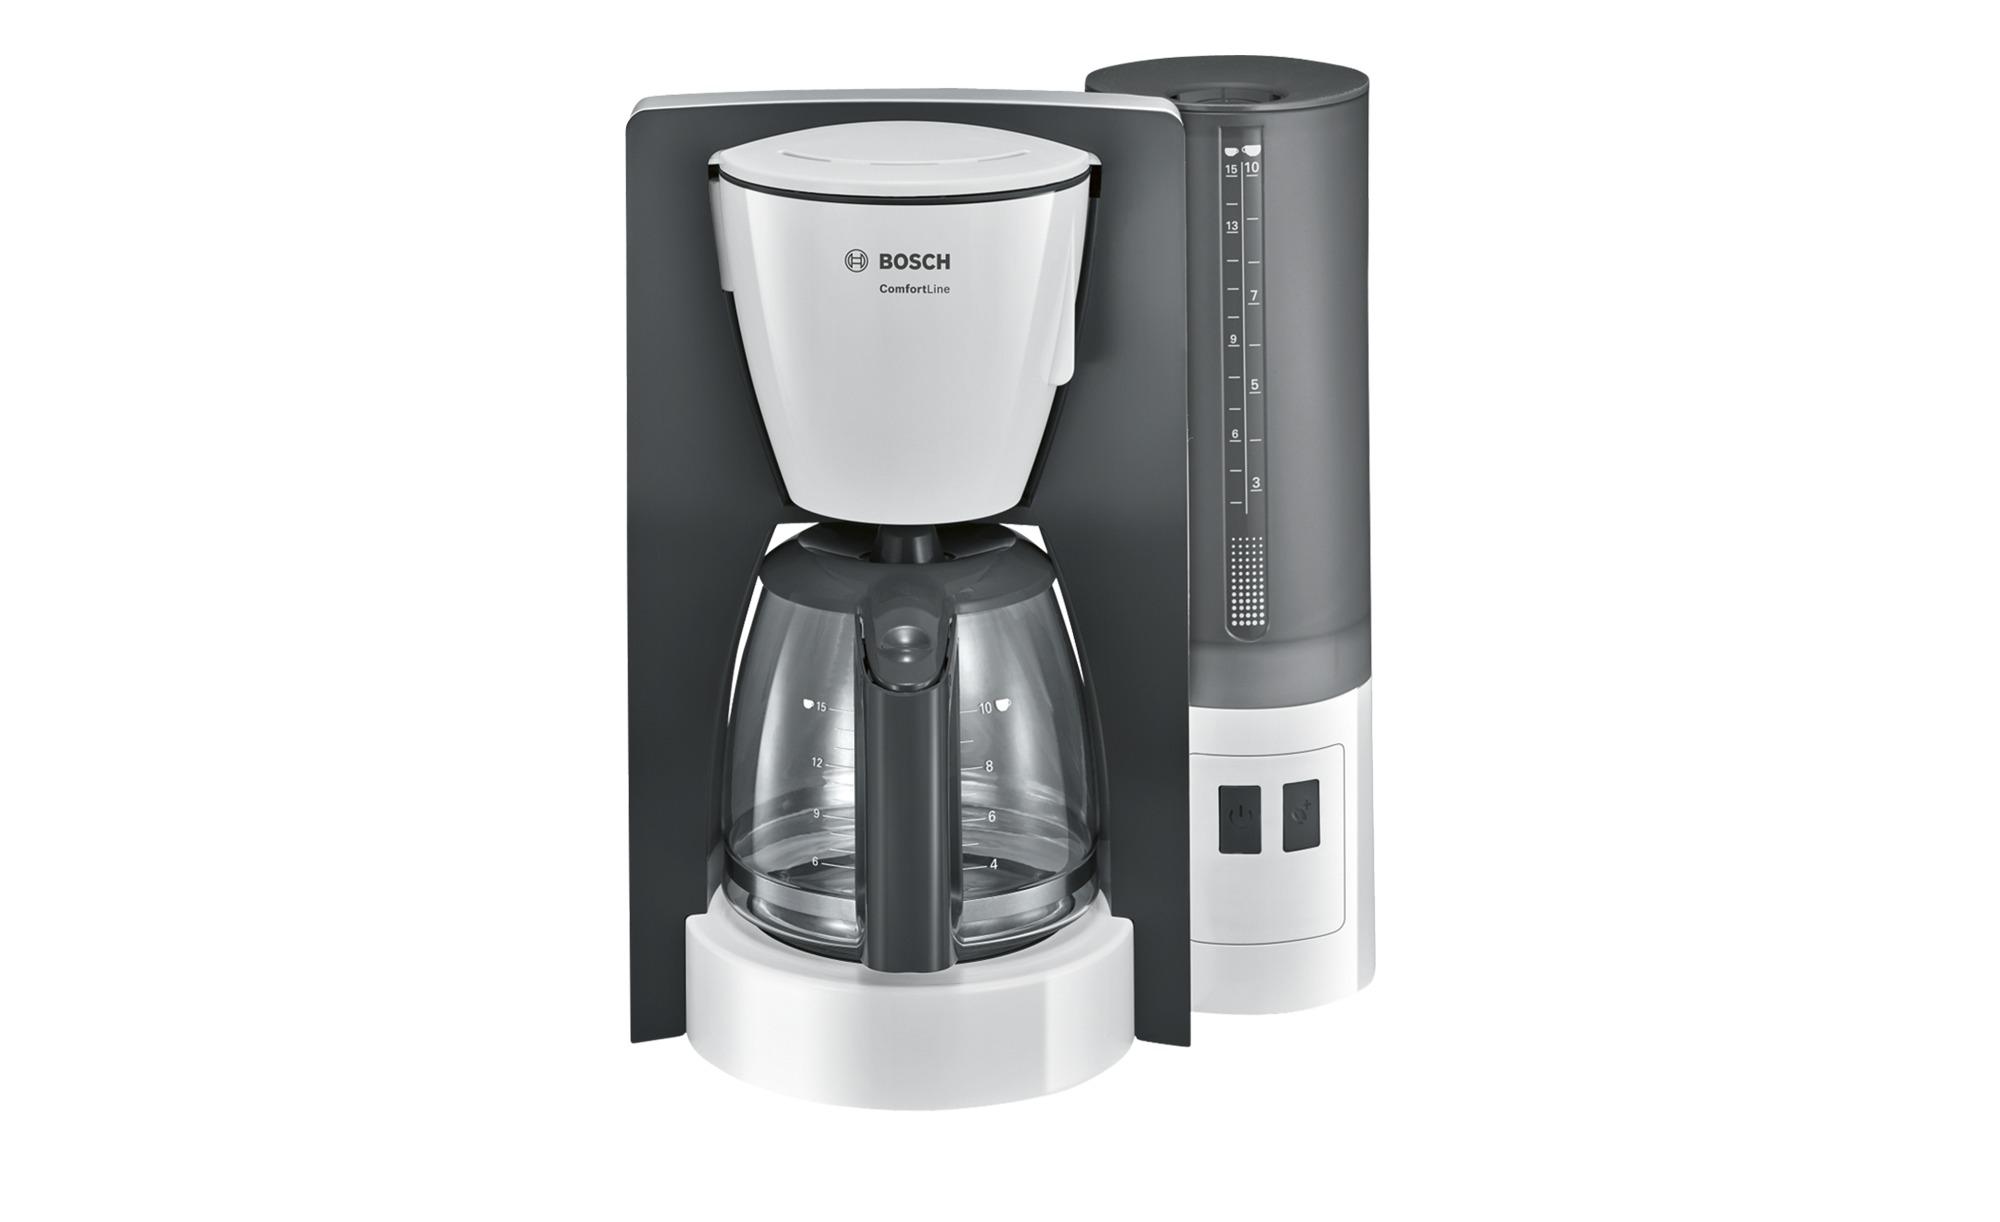 BOSCH Kaffeeautomat  TKA 6A041 - weiß - Kunststoff - 28,5 cm - 35,5 cm - 23 cm - Elektrokleingeräte > Kaffee & Espressomaschinen - Möbel Kraft   Küche und Esszimmer > Kaffee und Tee > Kaffeemaschinen   BOSCH